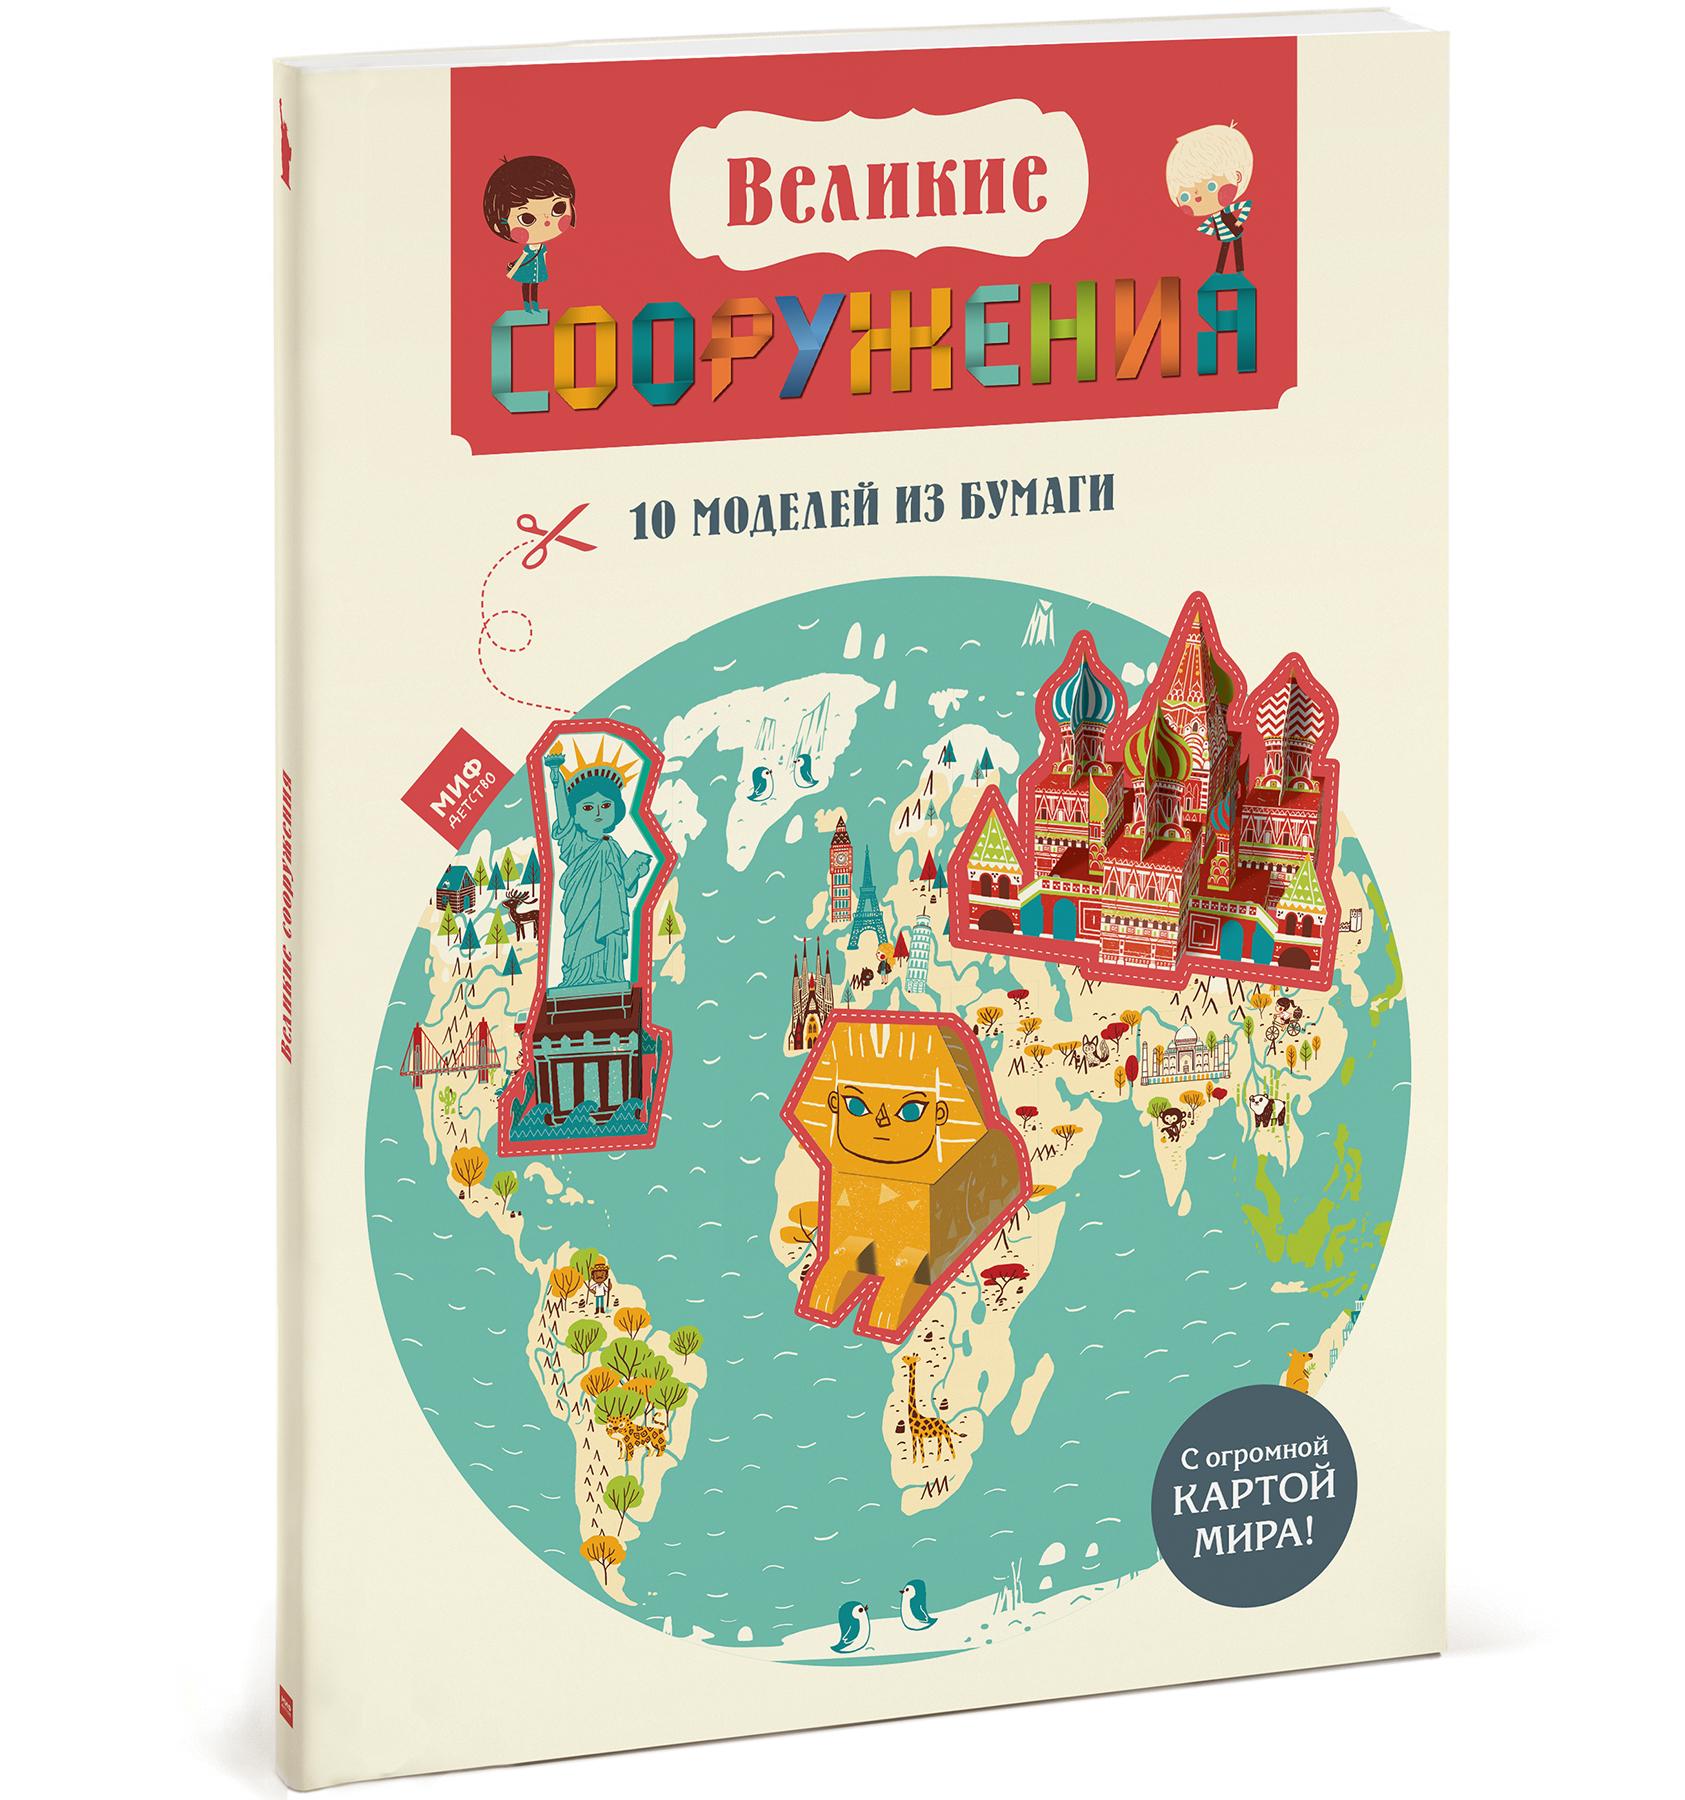 Бенедикт Ле Лоарер Великие сооружения. 10 моделей из бумаги (+ карта мира)